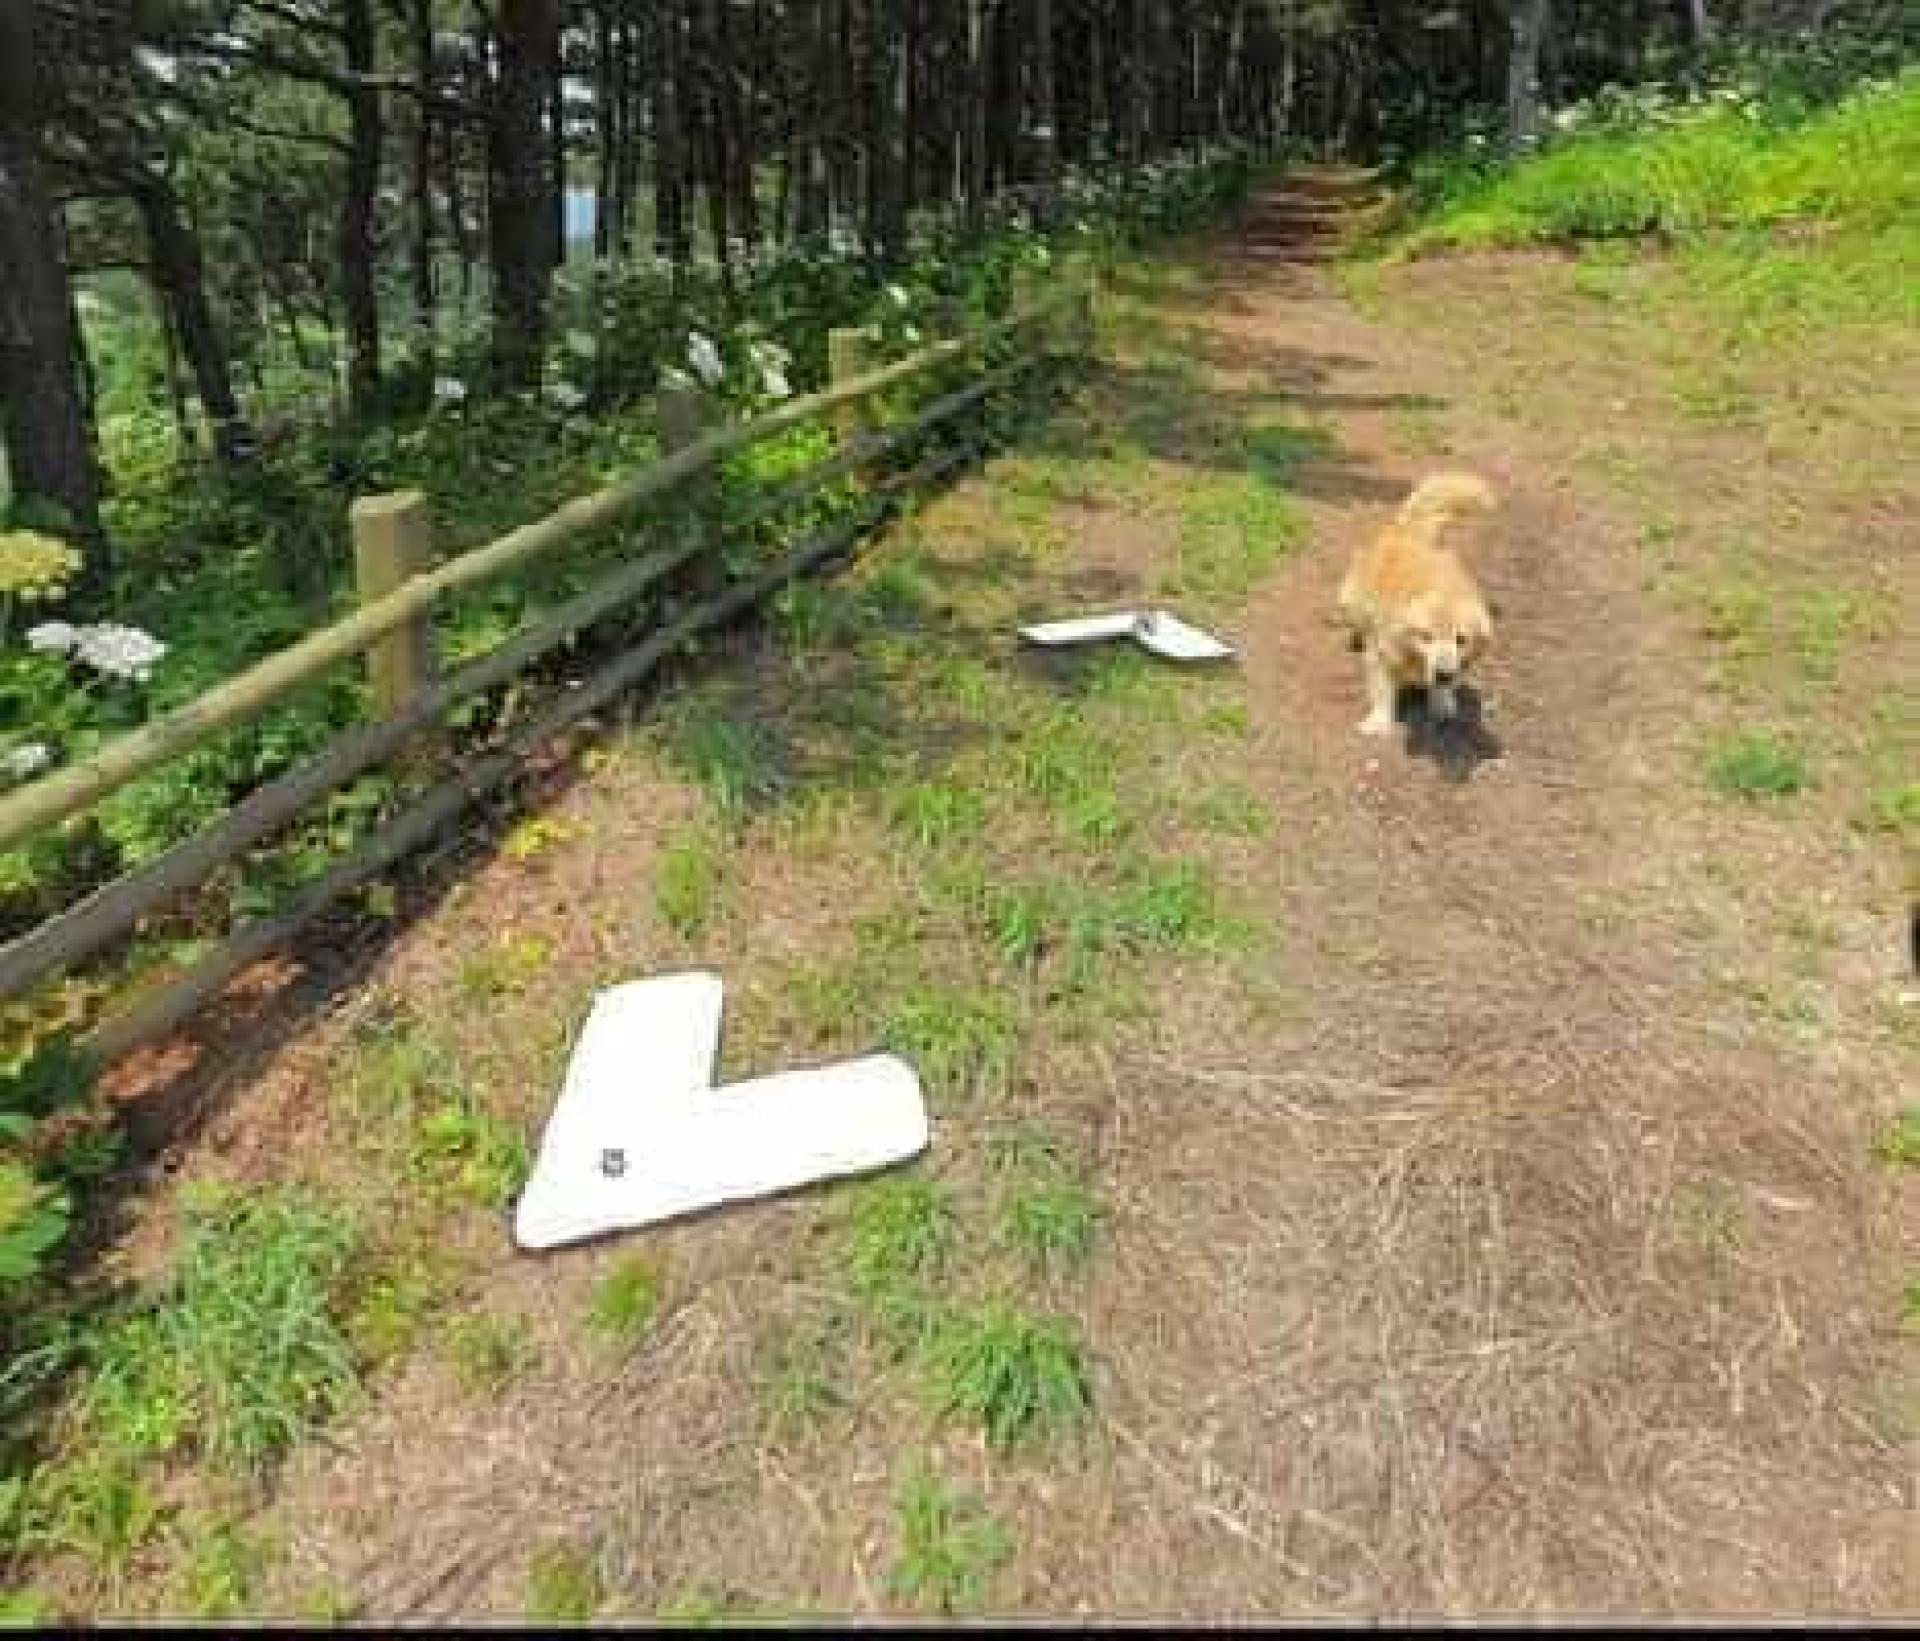 Cachorro segue carro do Google e aparece nas imagens do Street View